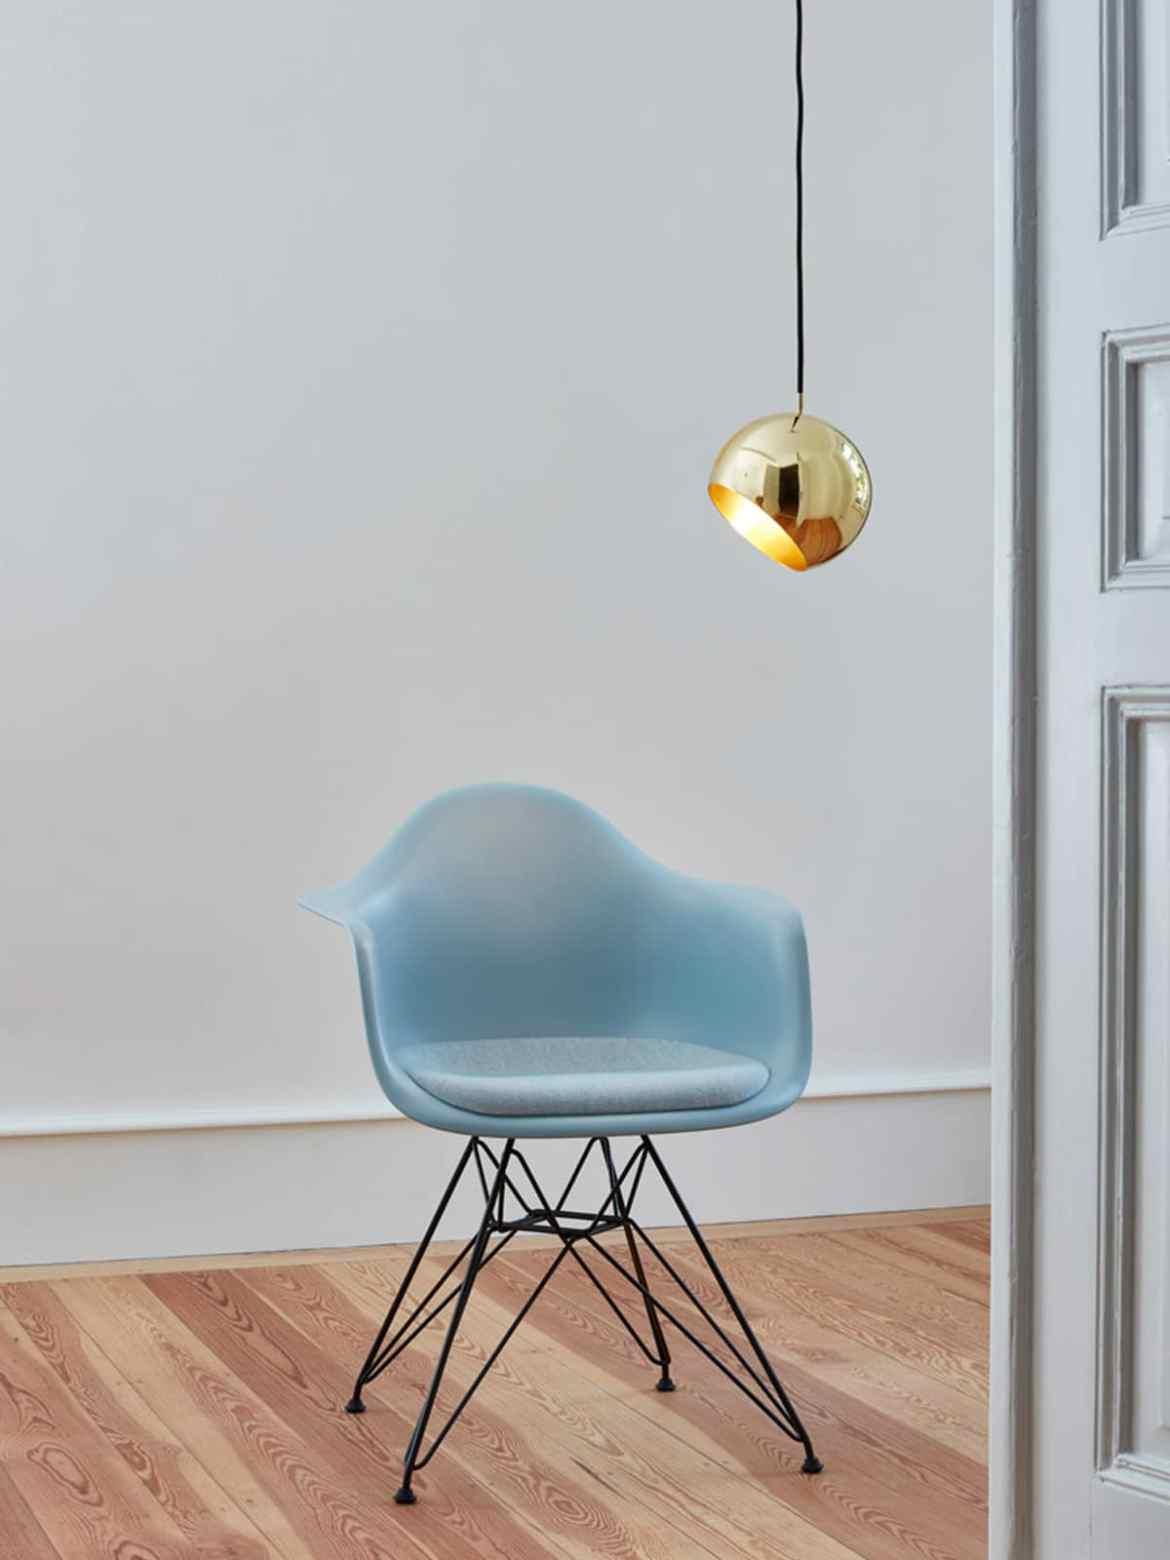 Neue Leuchten & Lampen Designort Tilt Globe in Messing